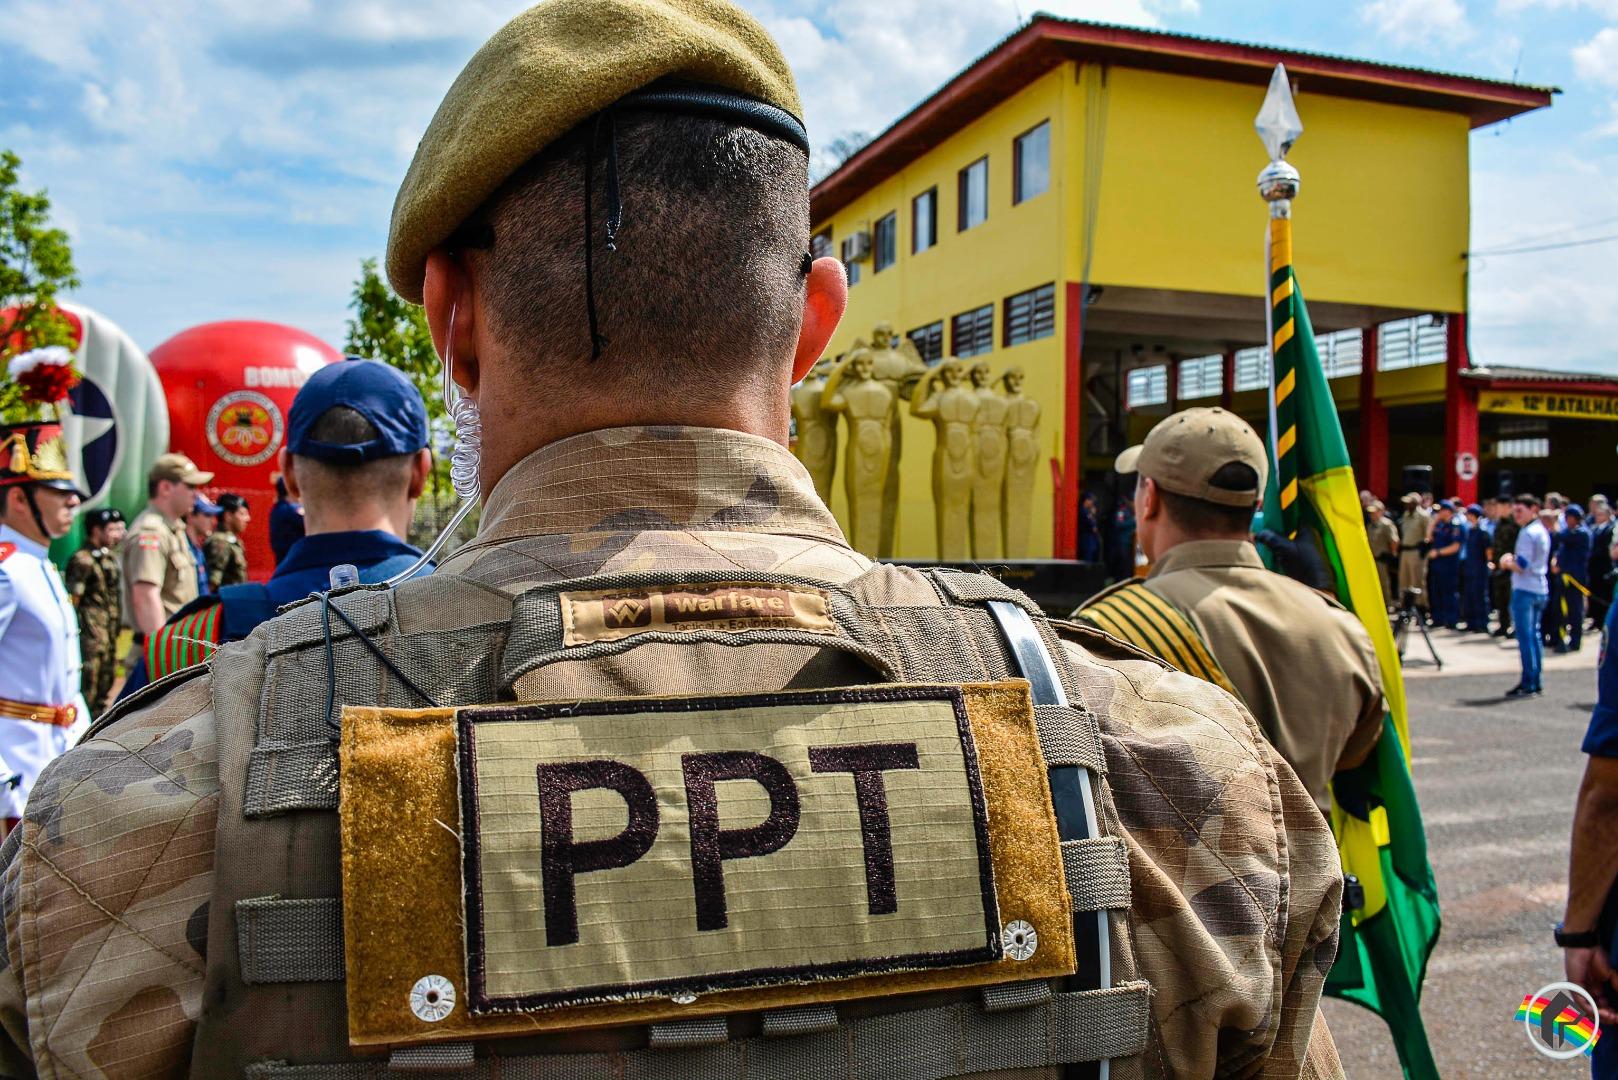 Efetivo da Policia Militar para o segundo turno será de 370 policiais